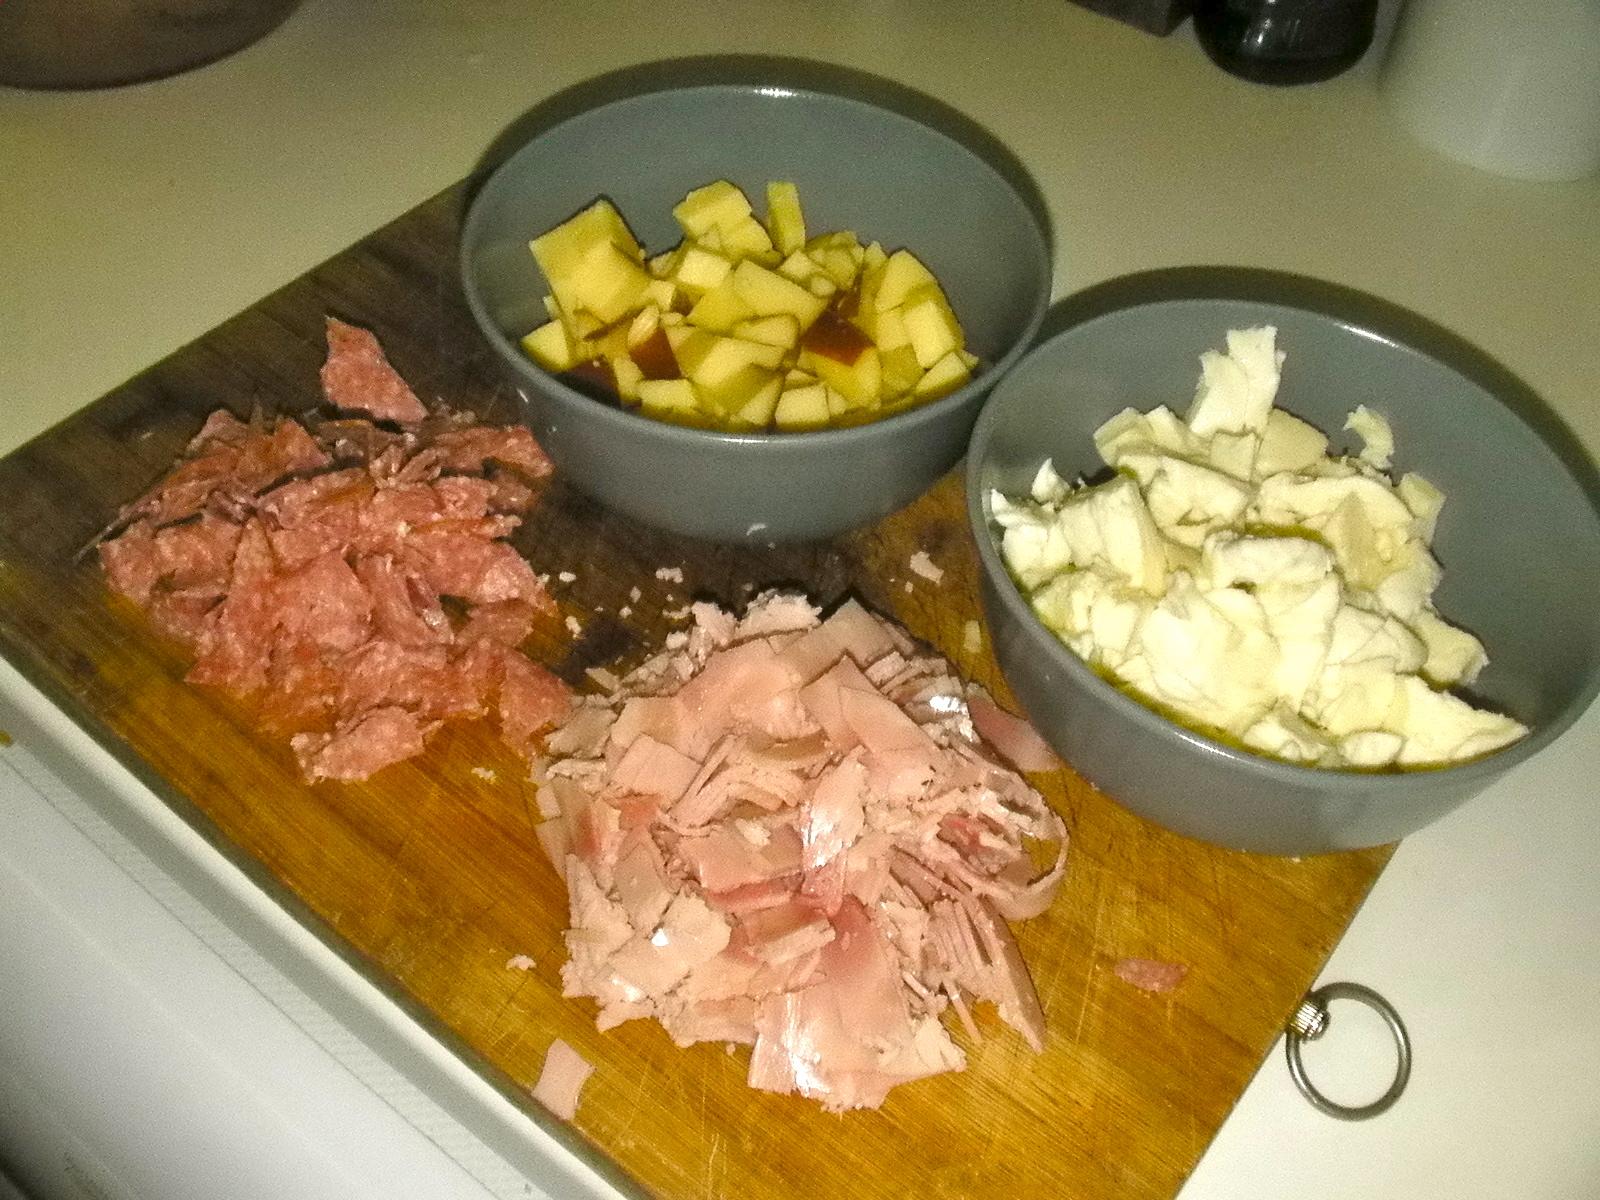 La cucina di loredana spezie profumate gateau di patate alla napoletana - Loredana in cucina ...